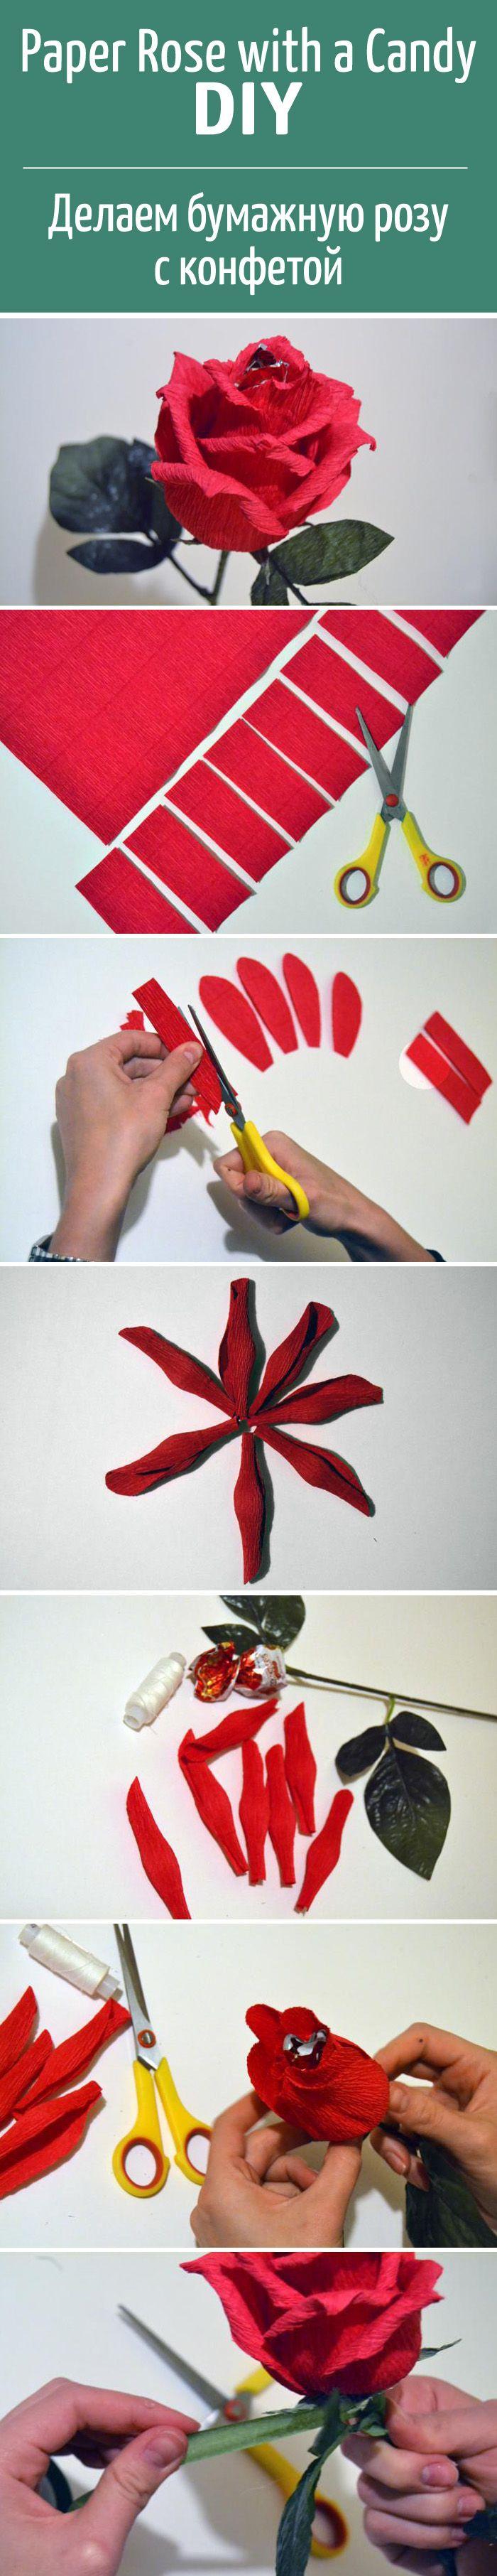 """Делаем сладкий сюрприз — """"розу"""" с конфетой  / Candy bouquet, paper rose flower with a candy DIY"""